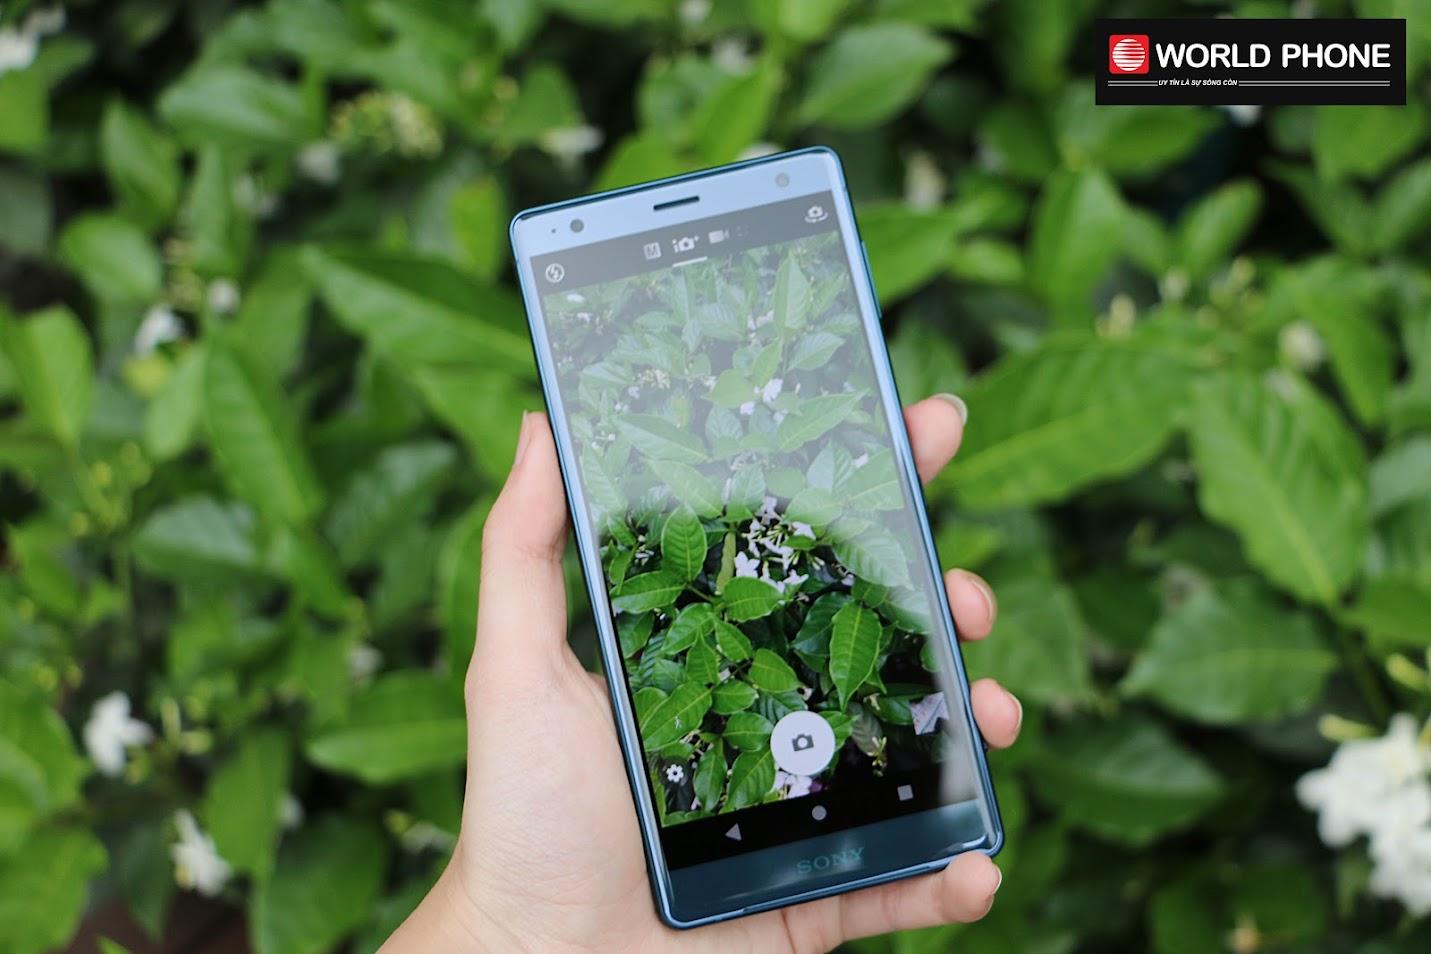 Điện thoại Xperia Z2 sở hữu ống kính góc rộng 27mm với F2.0 cho phép nó lấy được ánh sáng nhiều hơn khi chụp ảnh trong đêm tối.